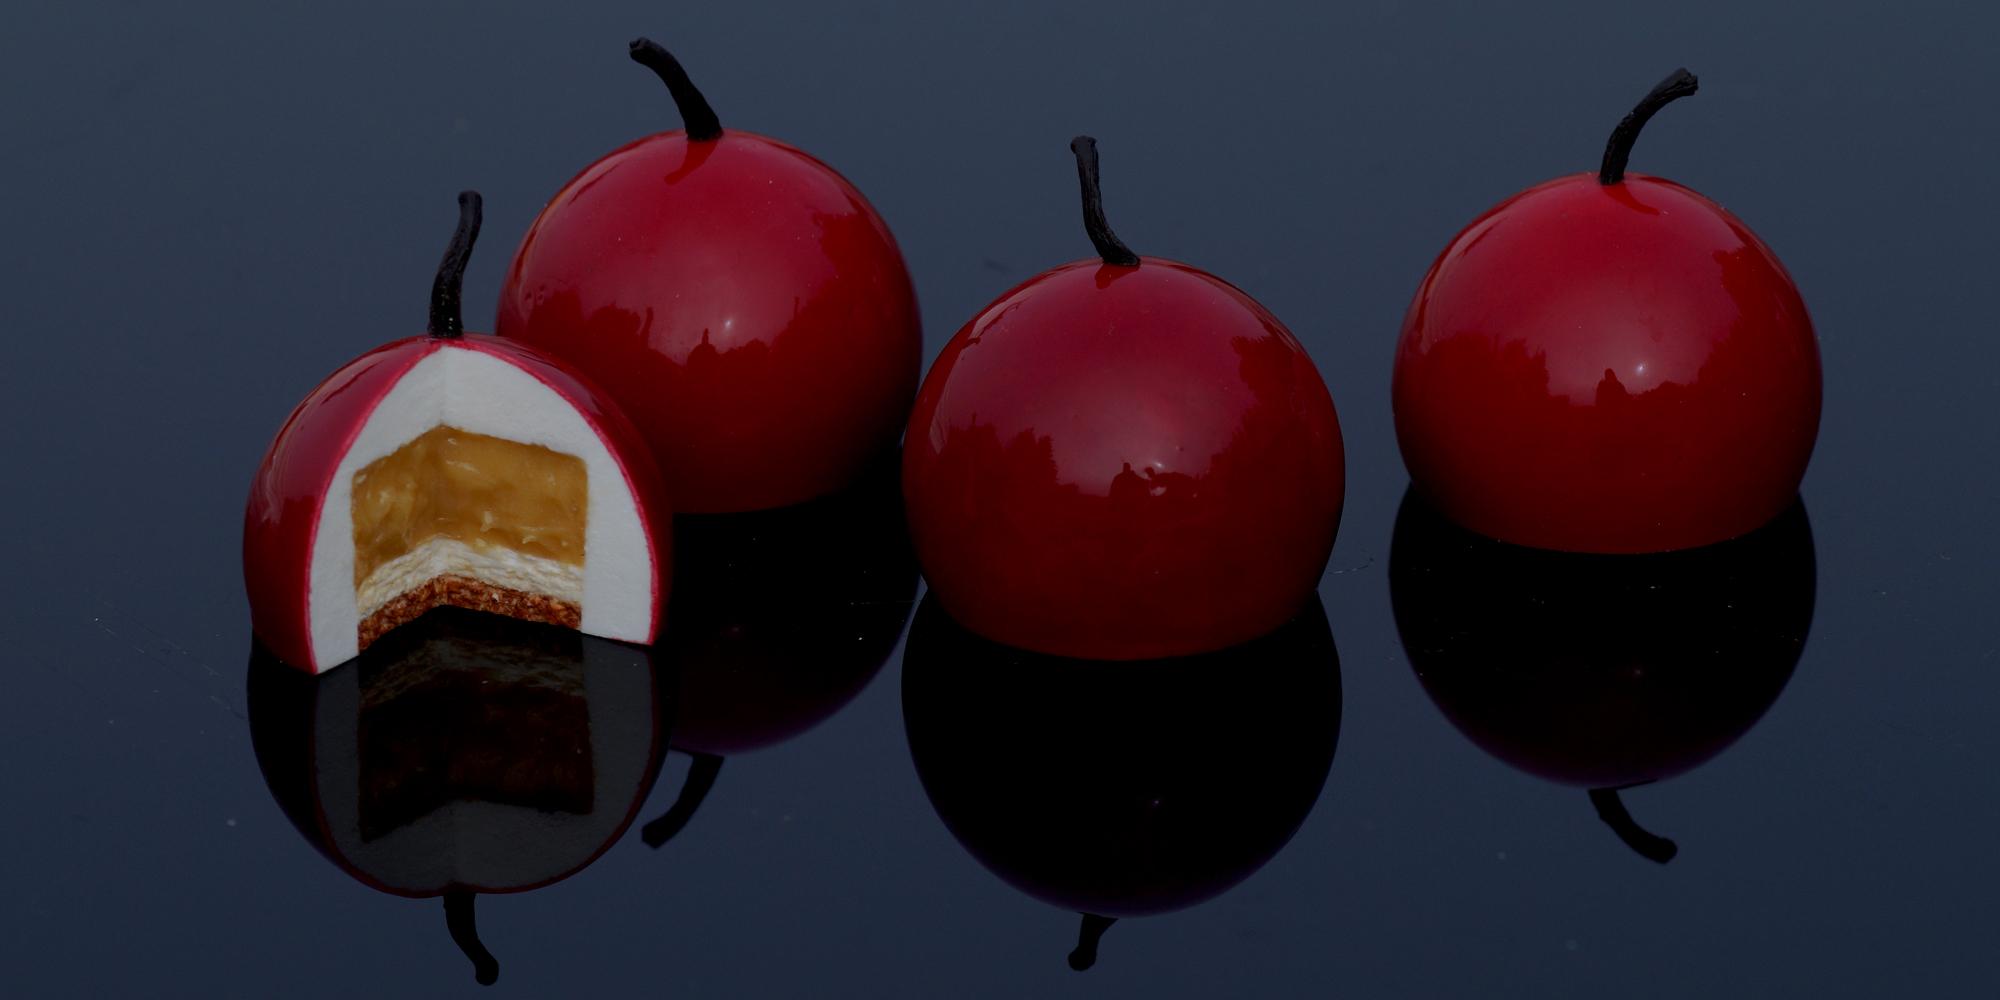 Pâtisseries pommes d'amour factices en résine avec différents aspect en gâteau entier ou ouvert pour merchandising clients